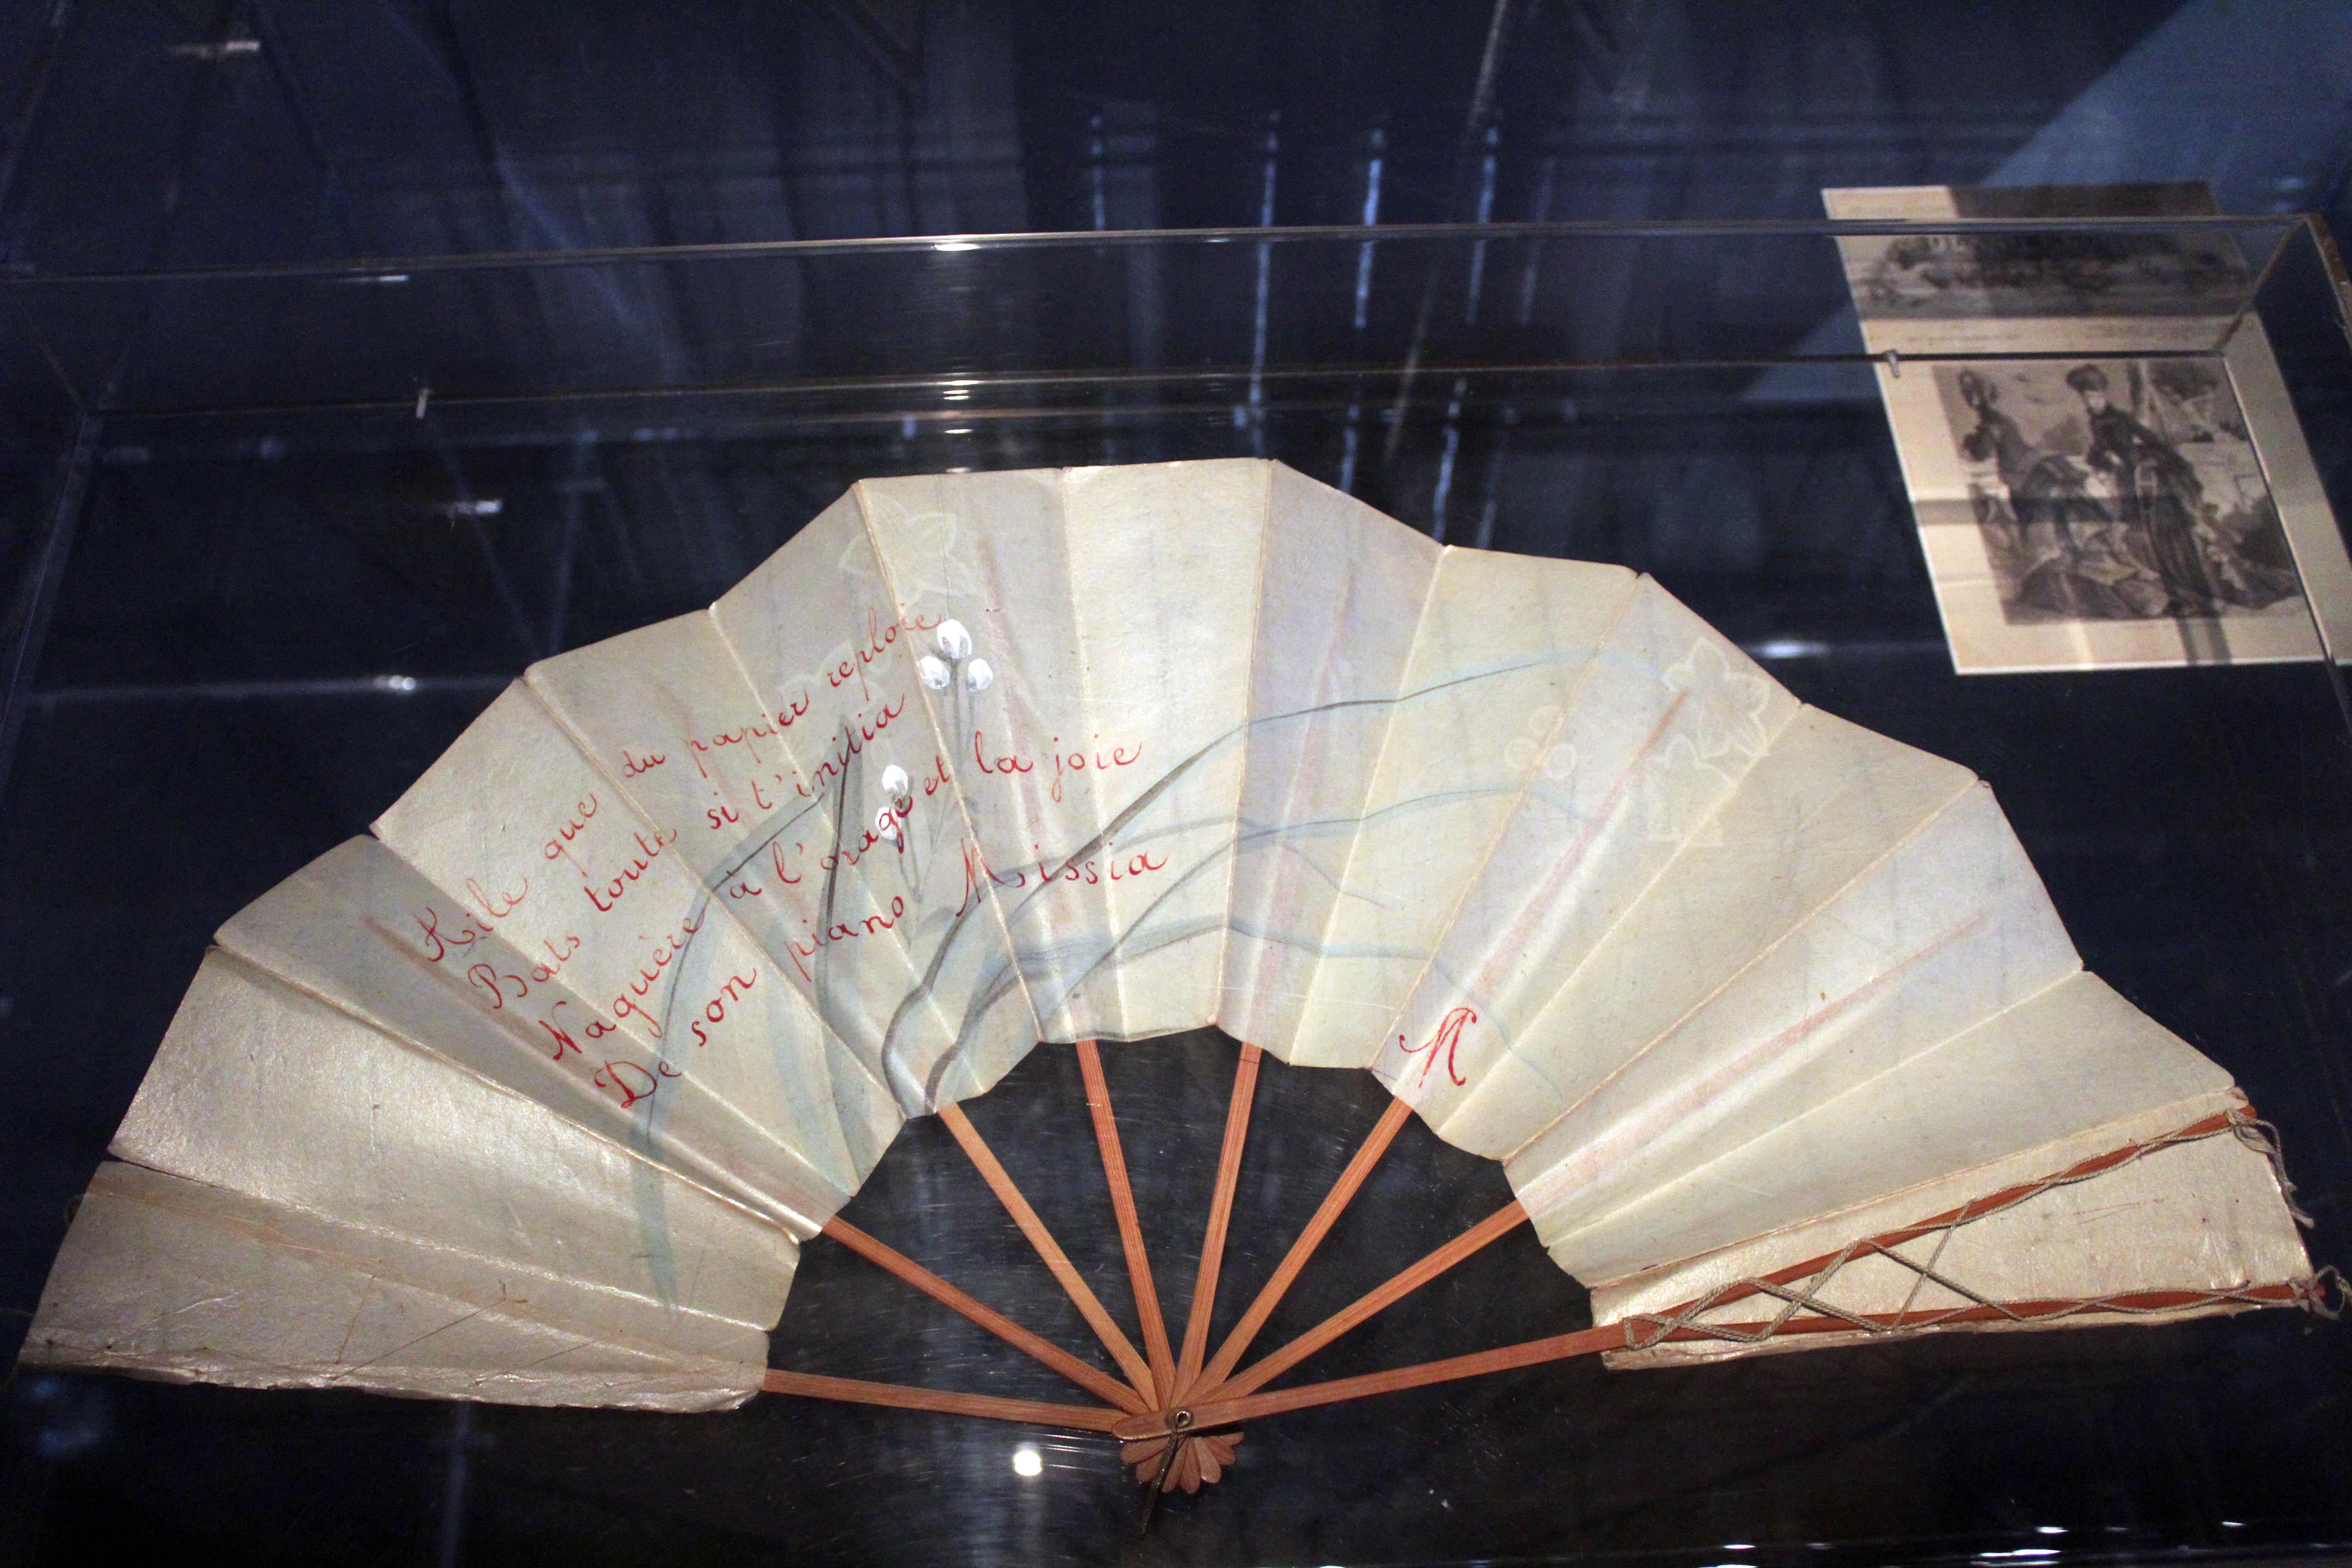 Stéphane Mallarmé - Ventaglio giapponese appartenuto a Misia con una quartina autografa calligrafica.